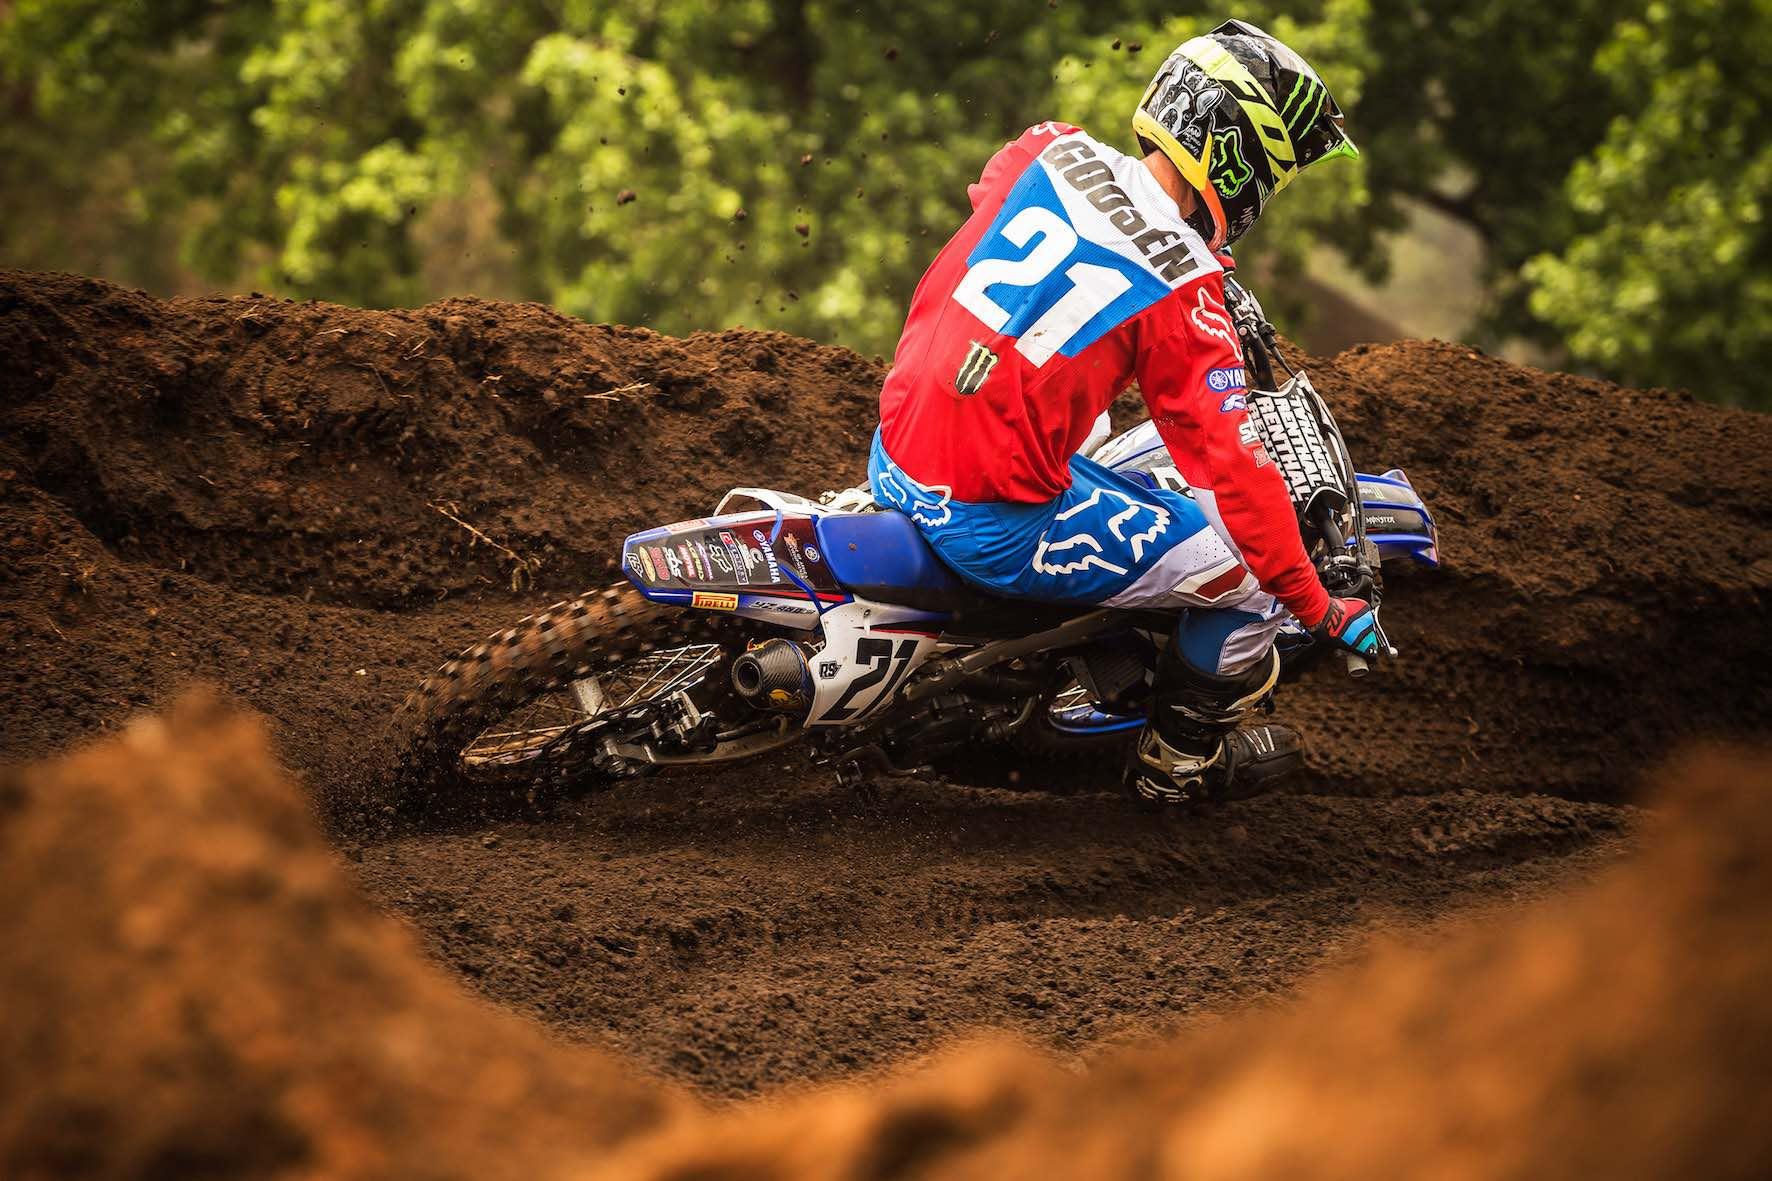 David Goosen racing in the Motocross Nationals at Dirt Bronco